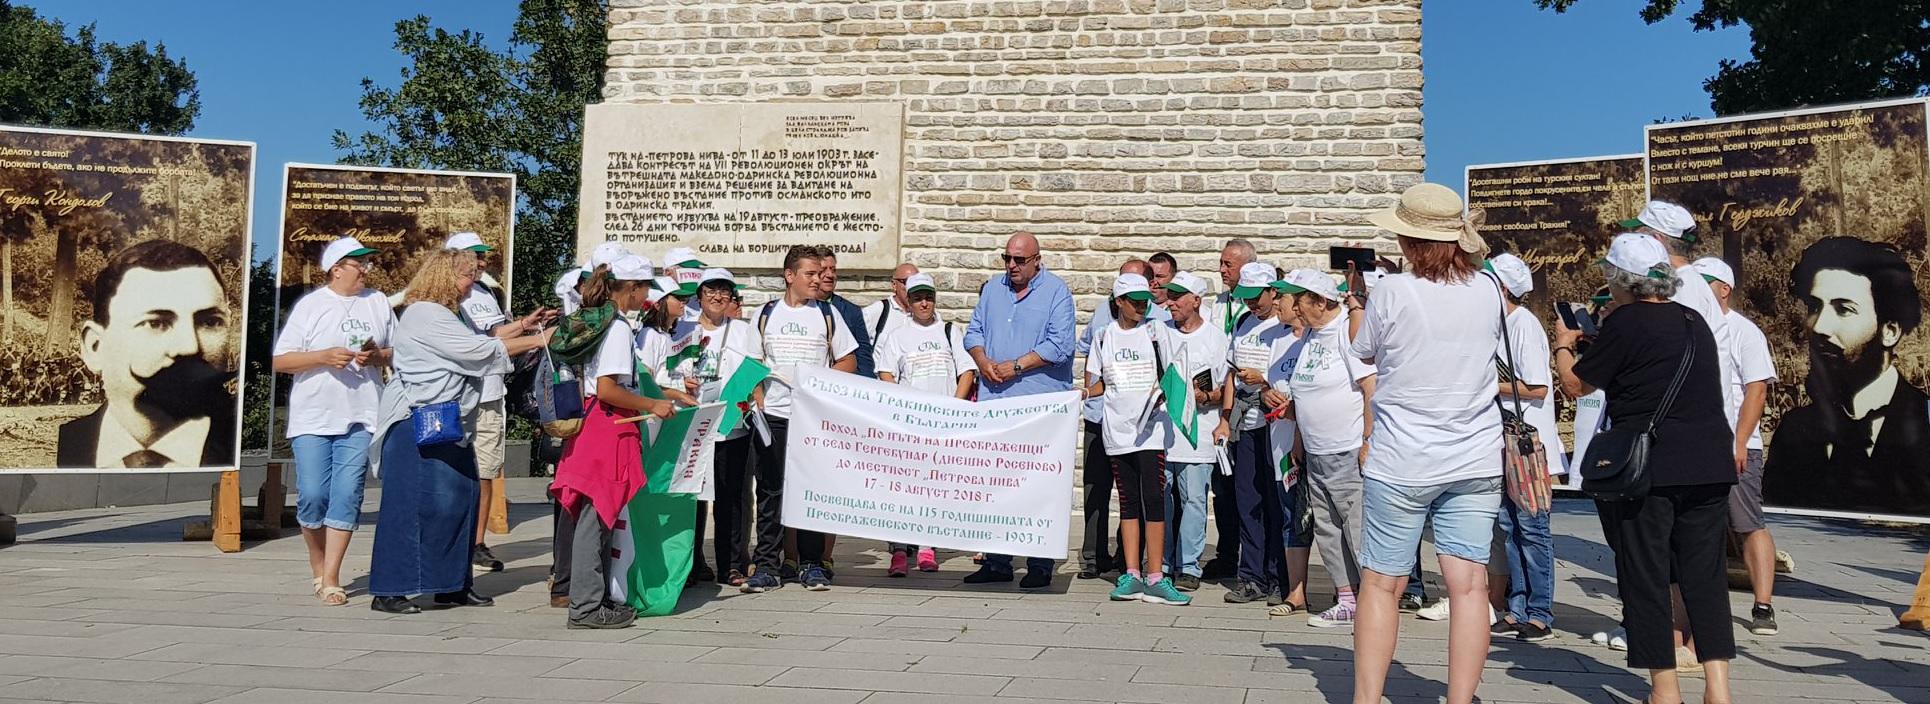 """Национален възпоменателен събор в местността """"Петрова нива"""" - 18 август 2018 г"""